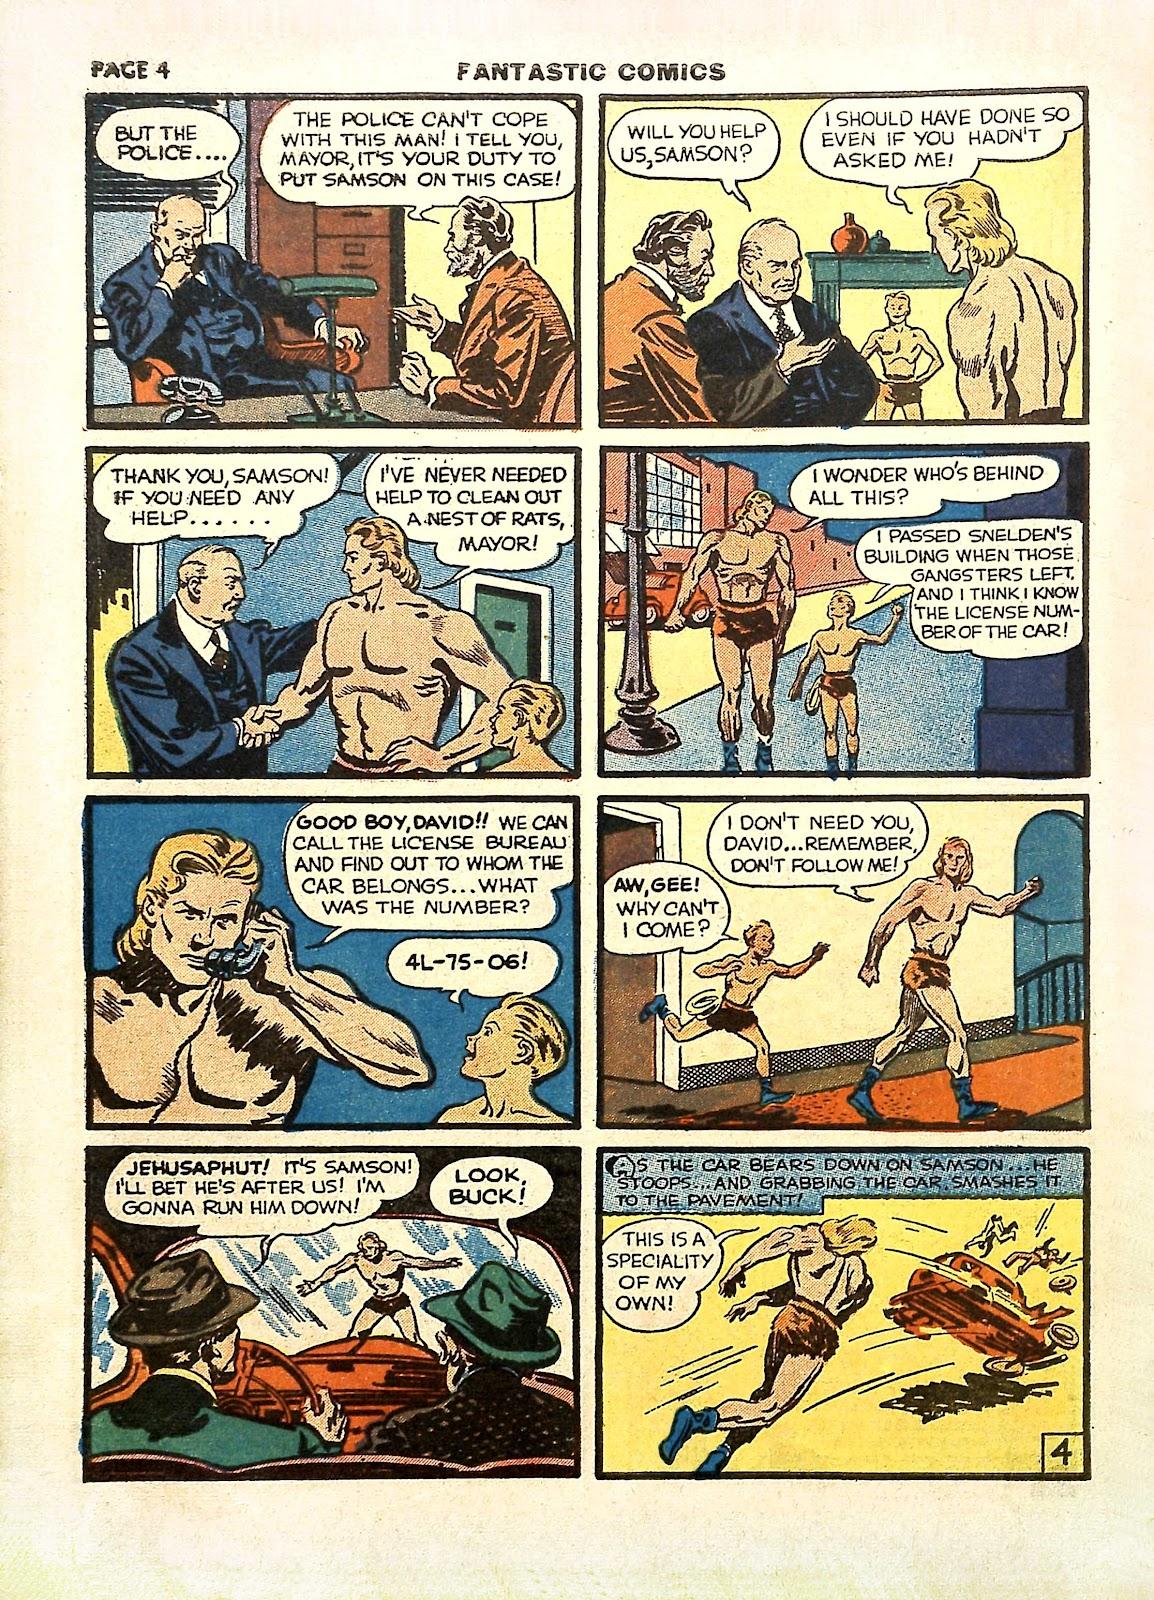 Read online Fantastic Comics comic -  Issue #11 - 7